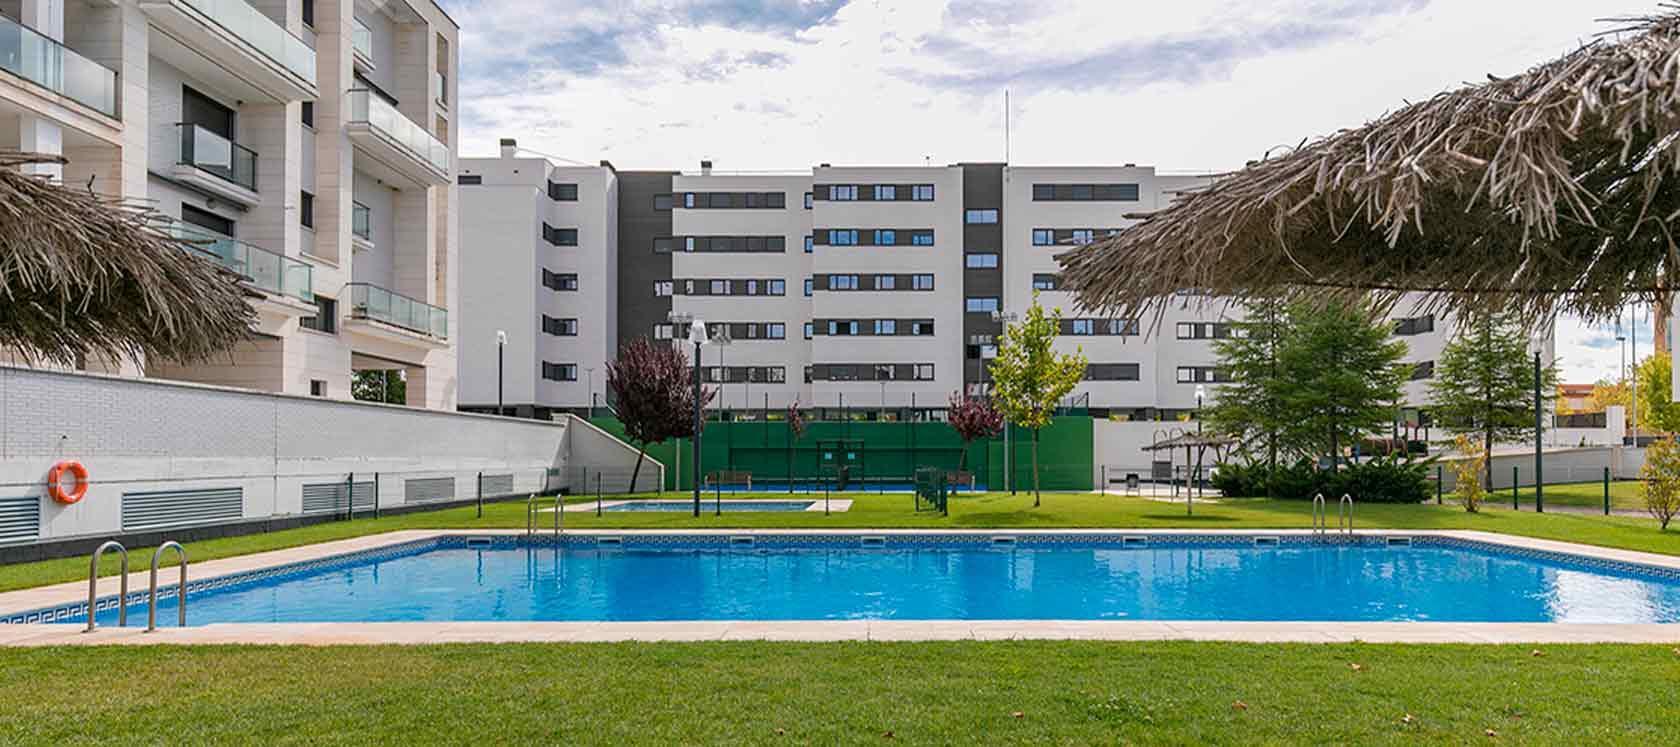 Plazas de Garaje a la venta en Valladolid